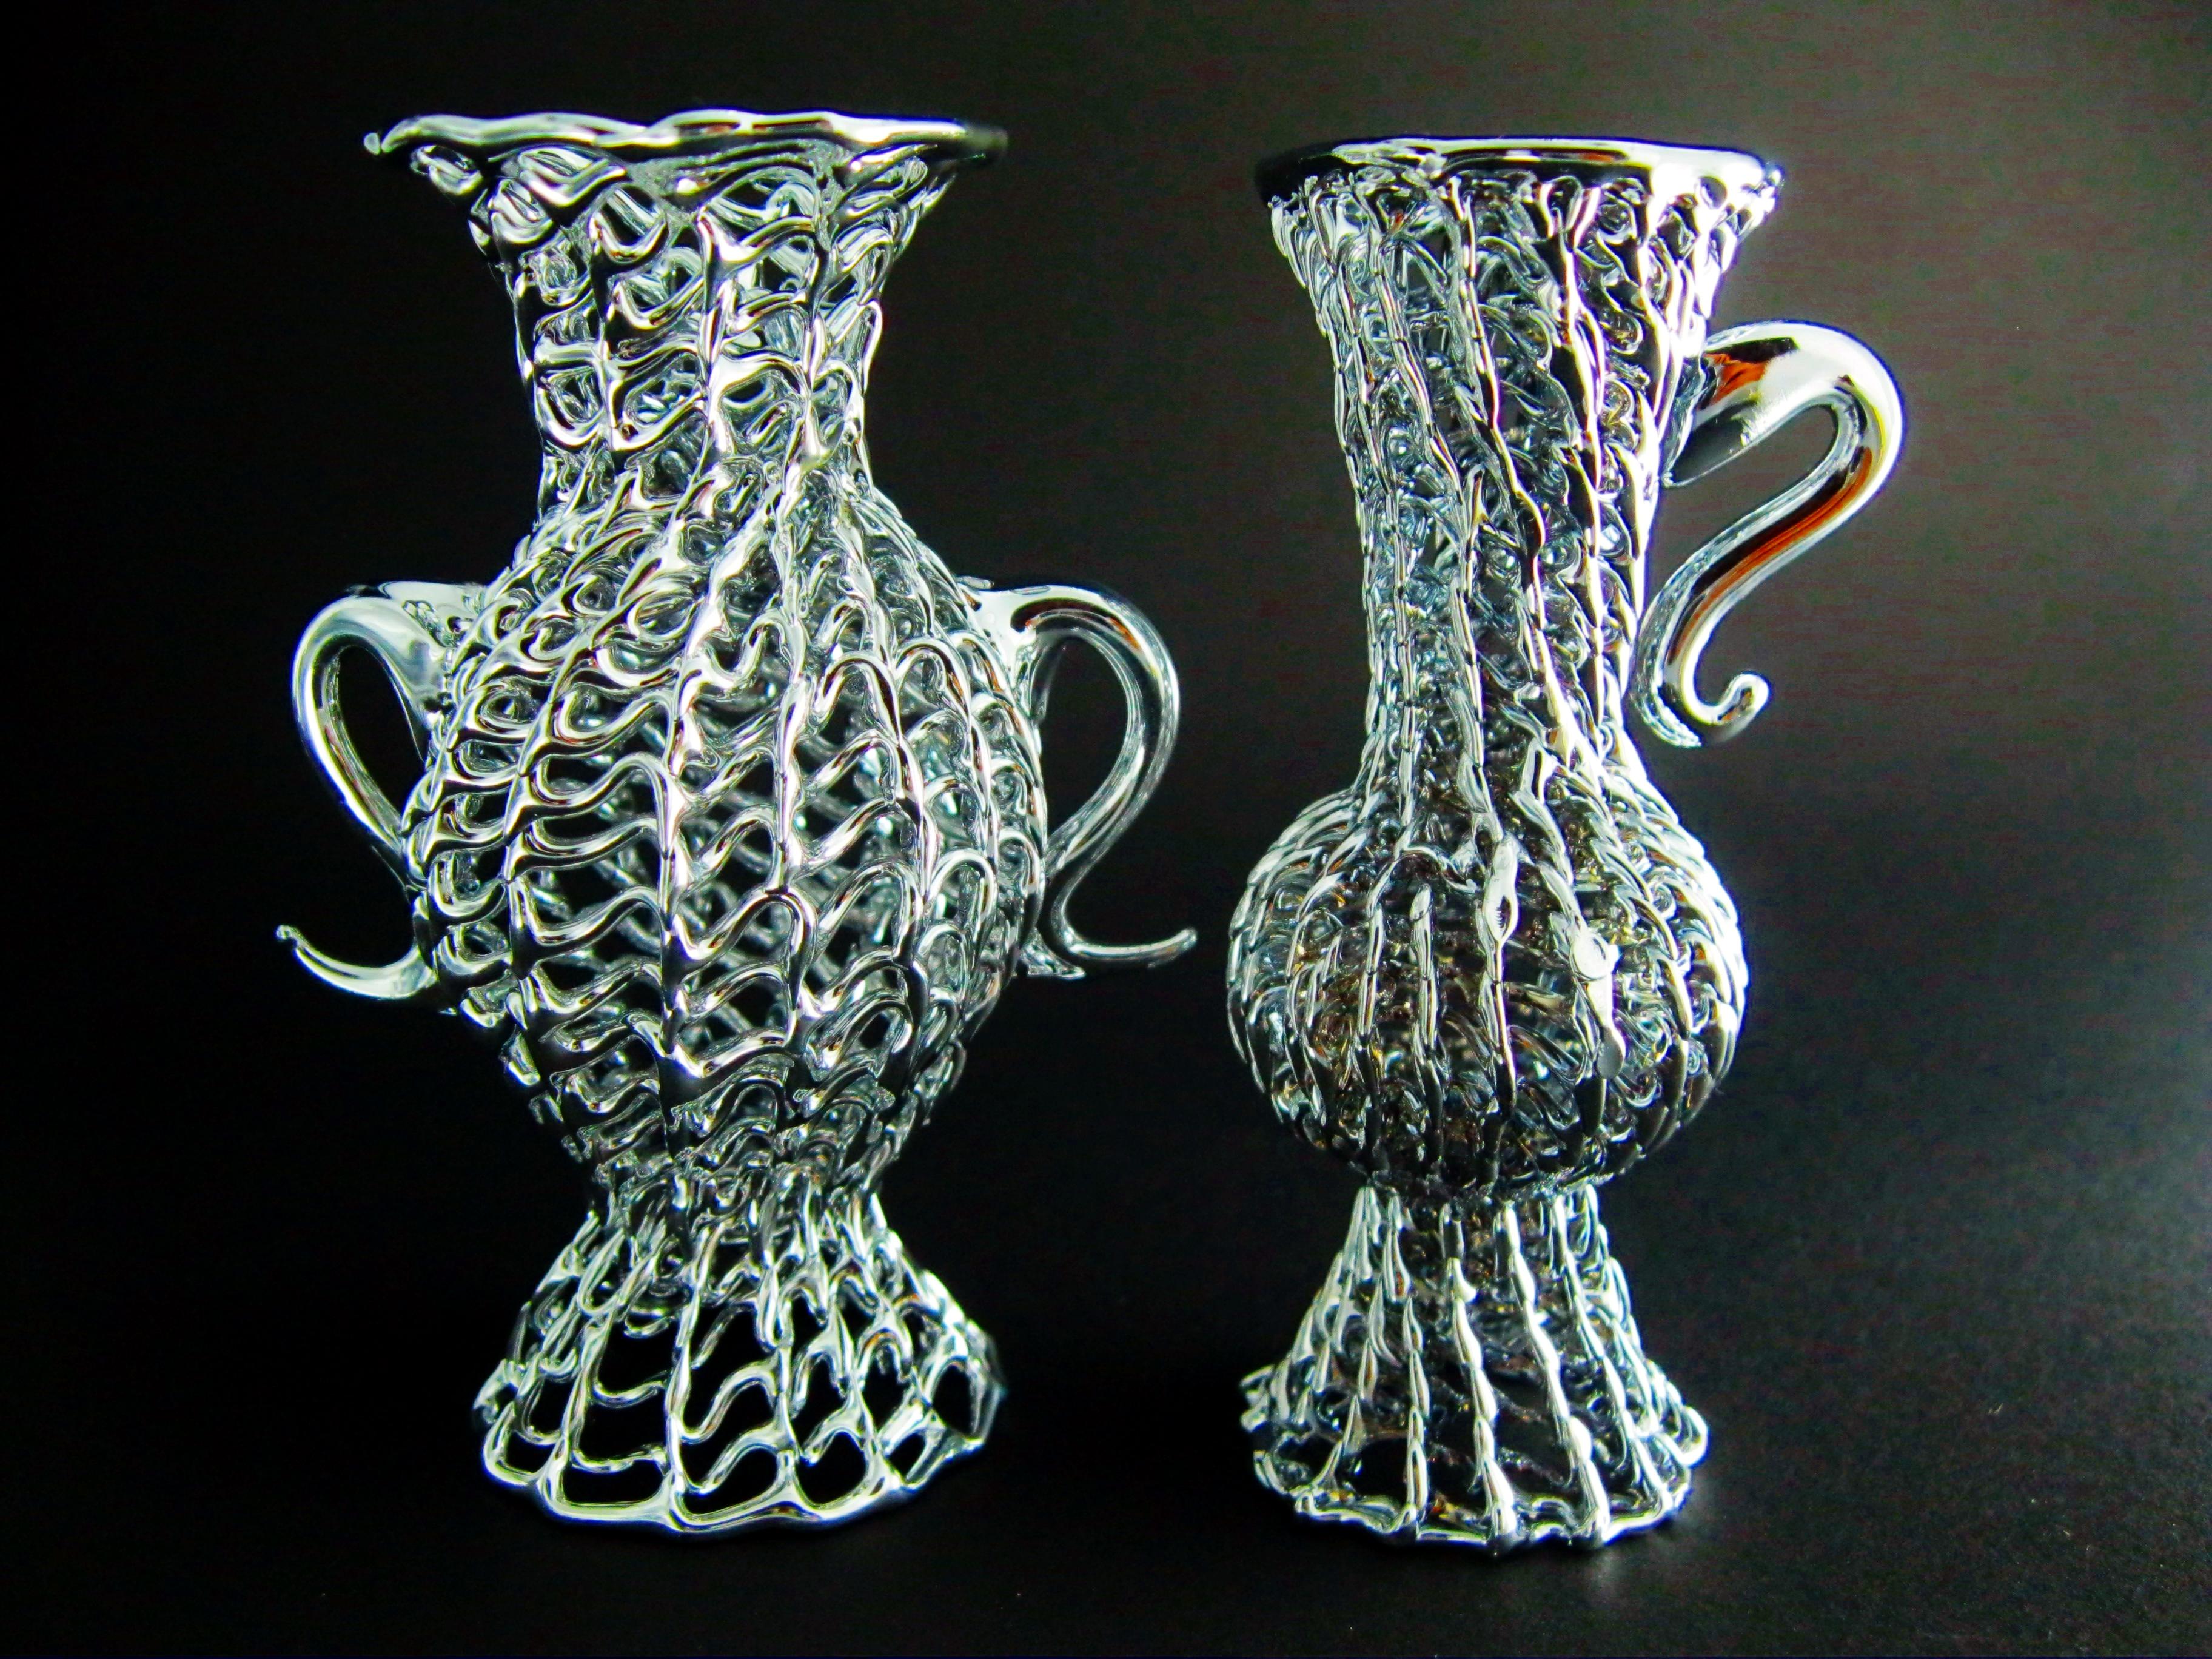 Vasetti anfore vasi vetro argento bomboniere matrimonio for Vasi ermetici vetro